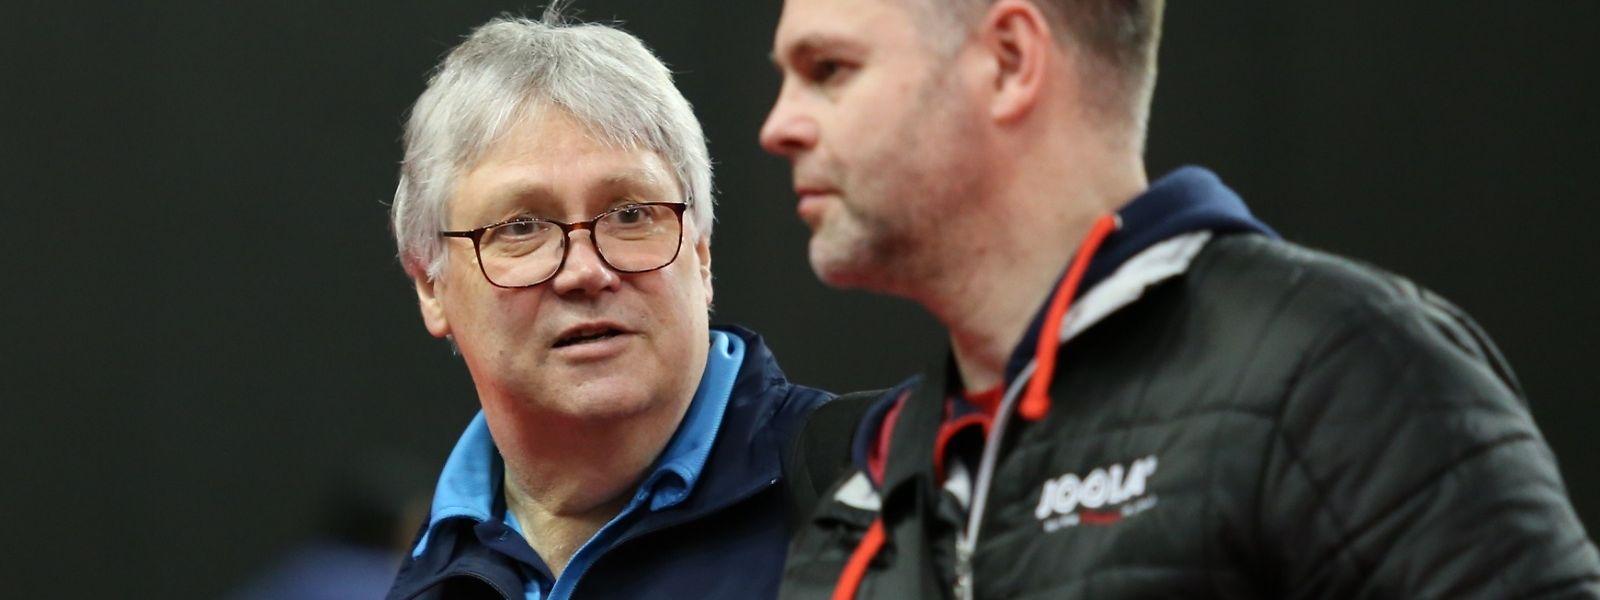 Gefragter Experte: Peter Engel (l., hier mit seinem tschechischen Trainerkollegen Josef Plachy) hat inseiner Karriere bereits in vielen Ländern gearbeitet.